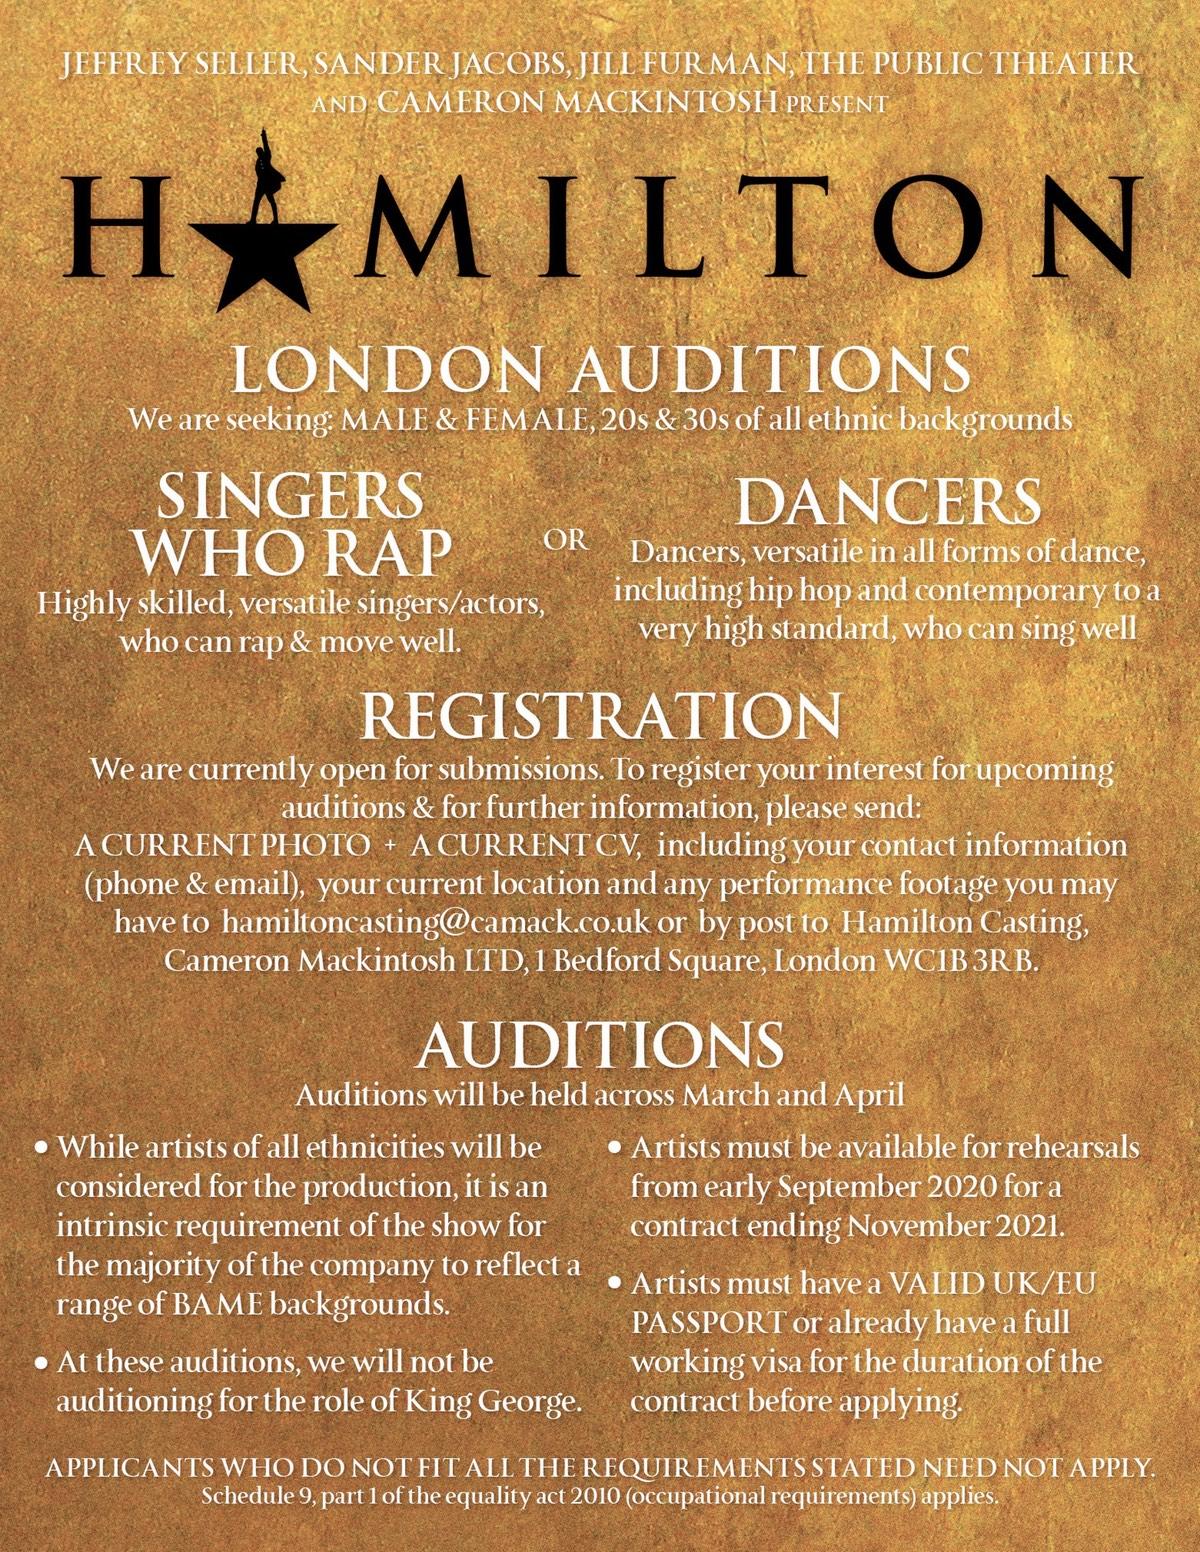 hamilton auditions london west end 2020